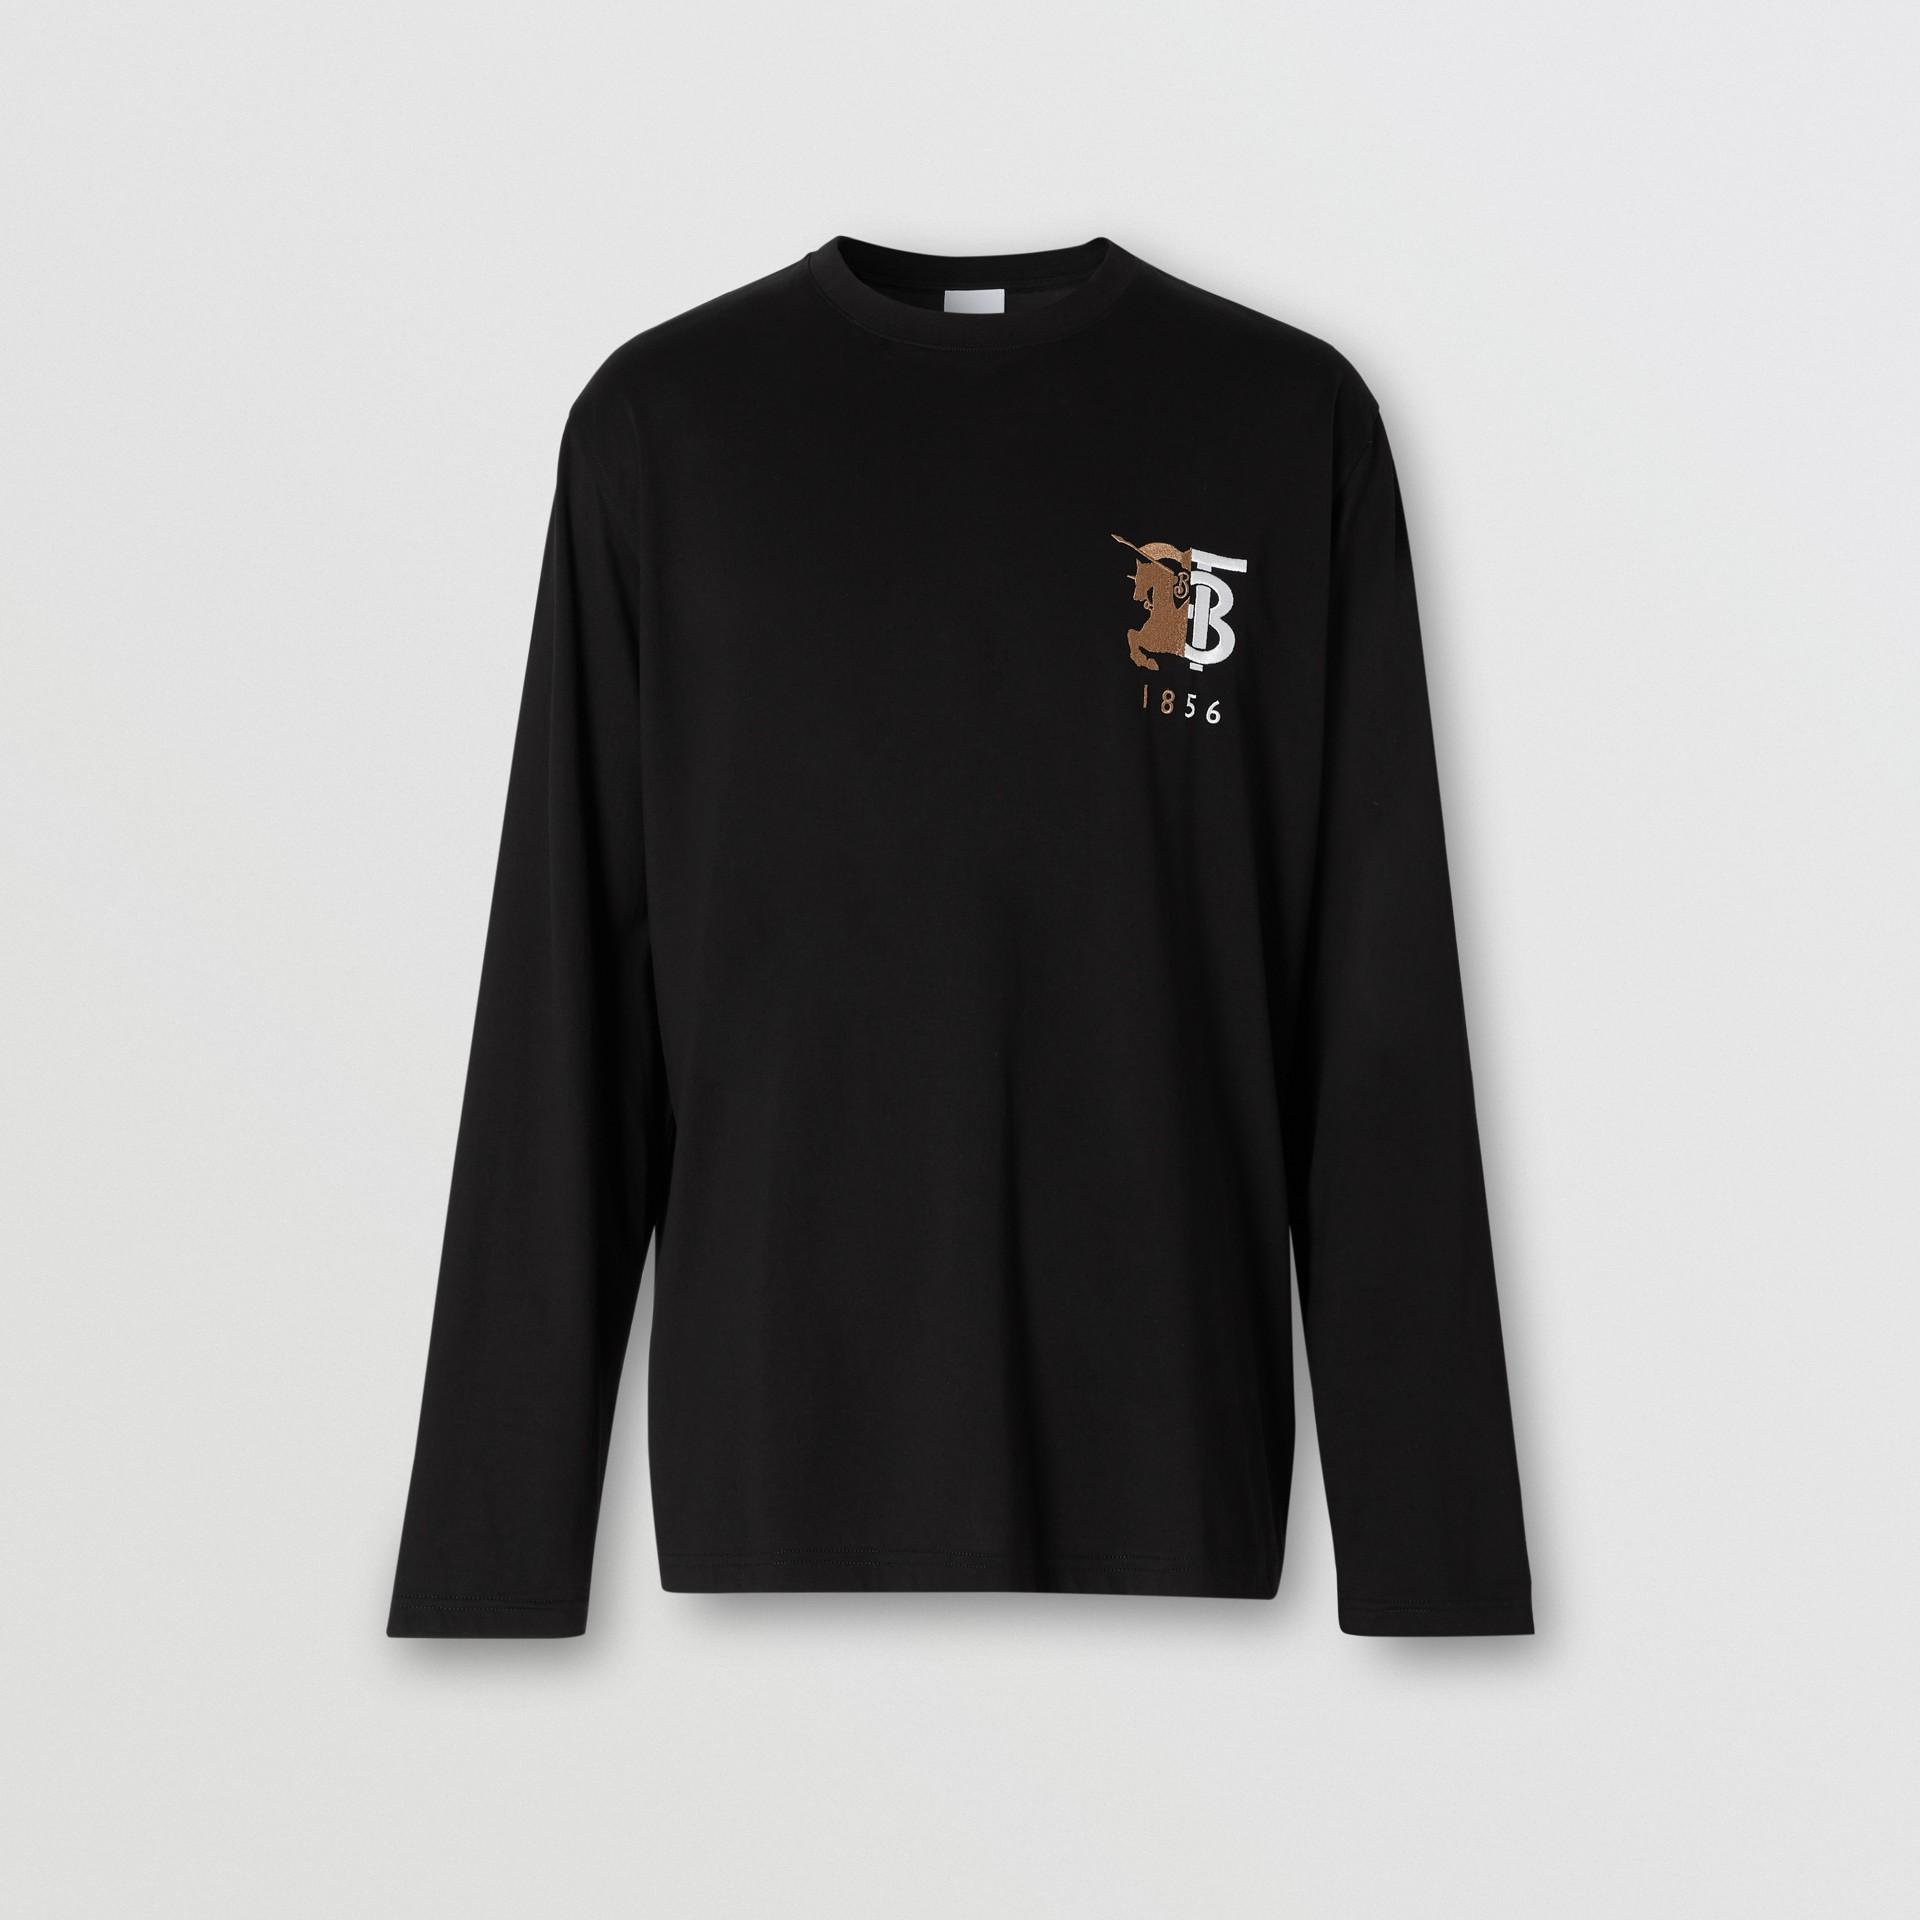 Haut à manches longues en coton avec logo (Noir) - Homme | Burberry - photo de la galerie 3